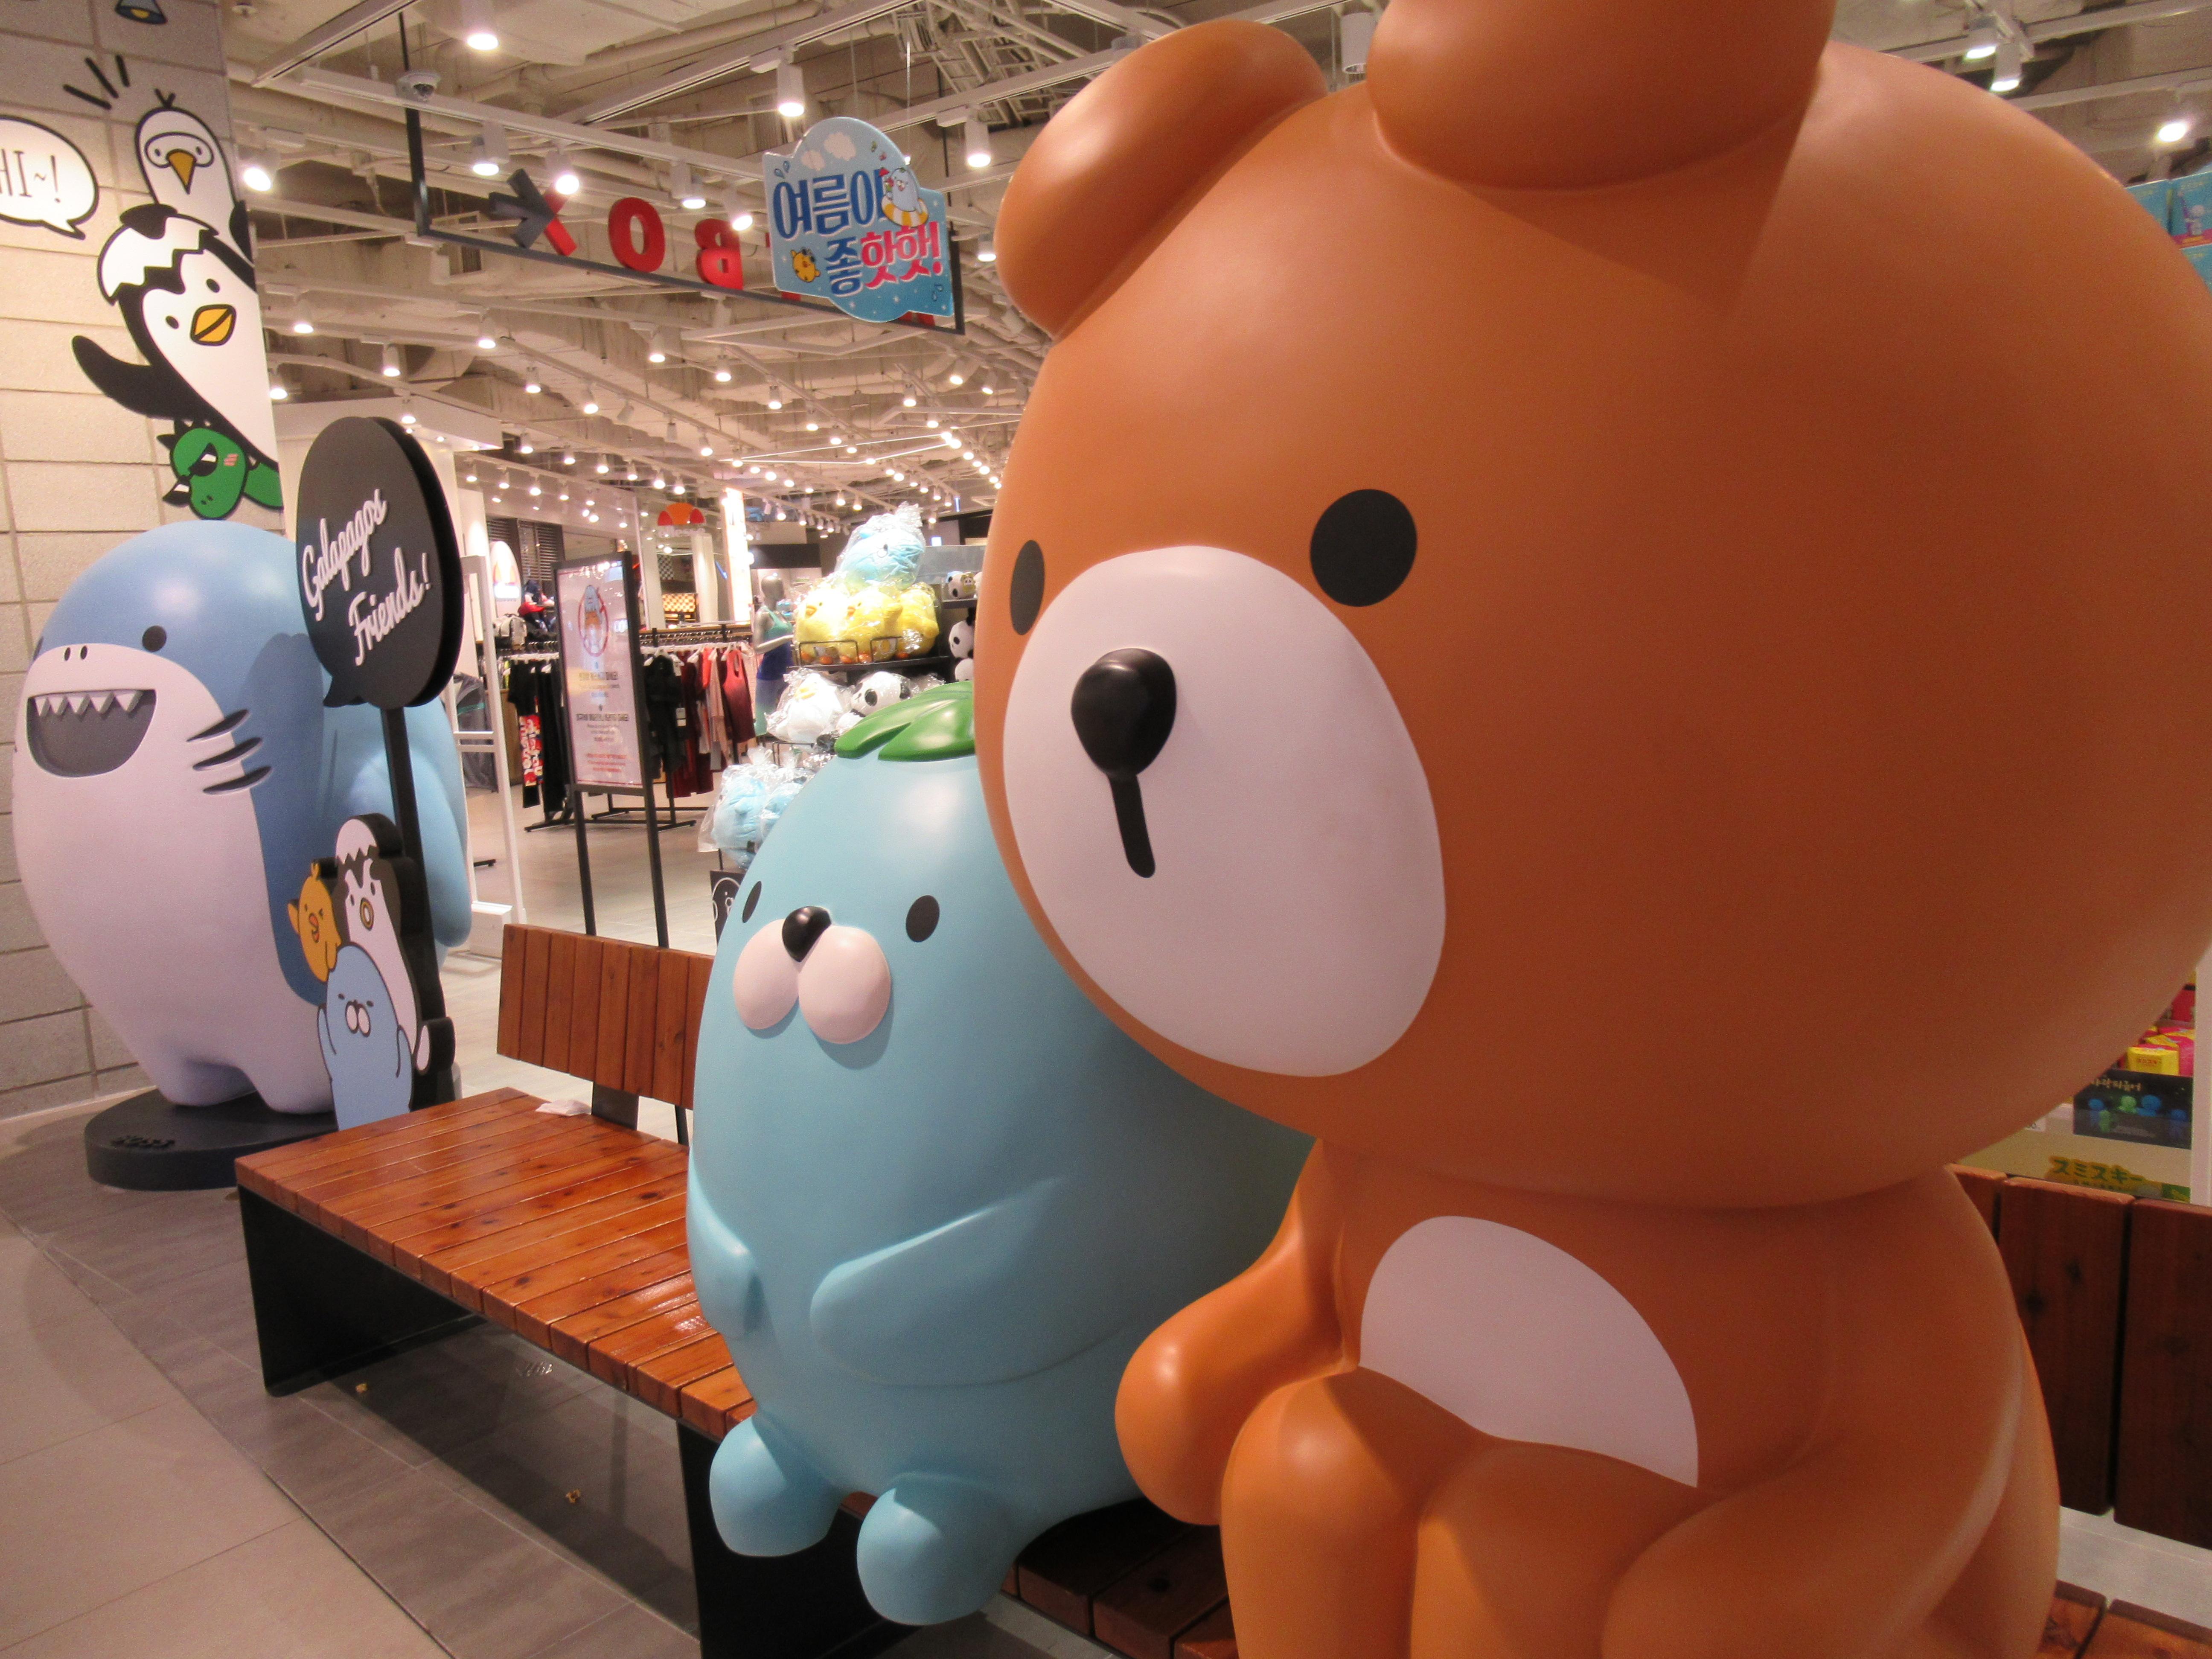 釜山の南浦洞のおもちゃが買える場所と子どもが楽しいスポット|韓国ブログ旅